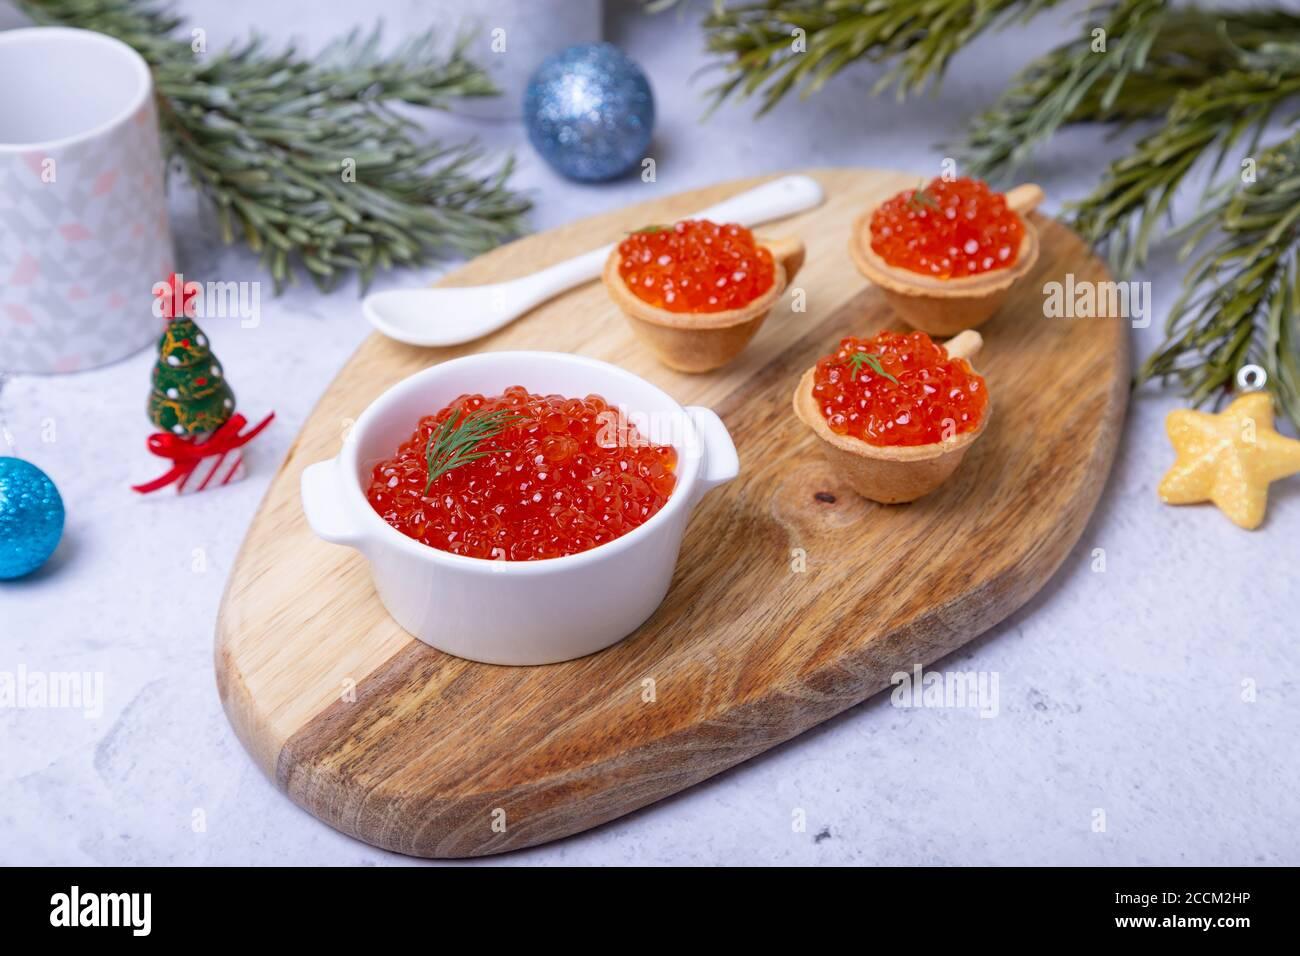 Decorazioni Natalizie Per Insalata Russa.Tradizionale Russo In Legno Decorazioni Di Natale In Vendita Nel Mercato Izmaylovo Mosca Russia Foto Stock Alamy